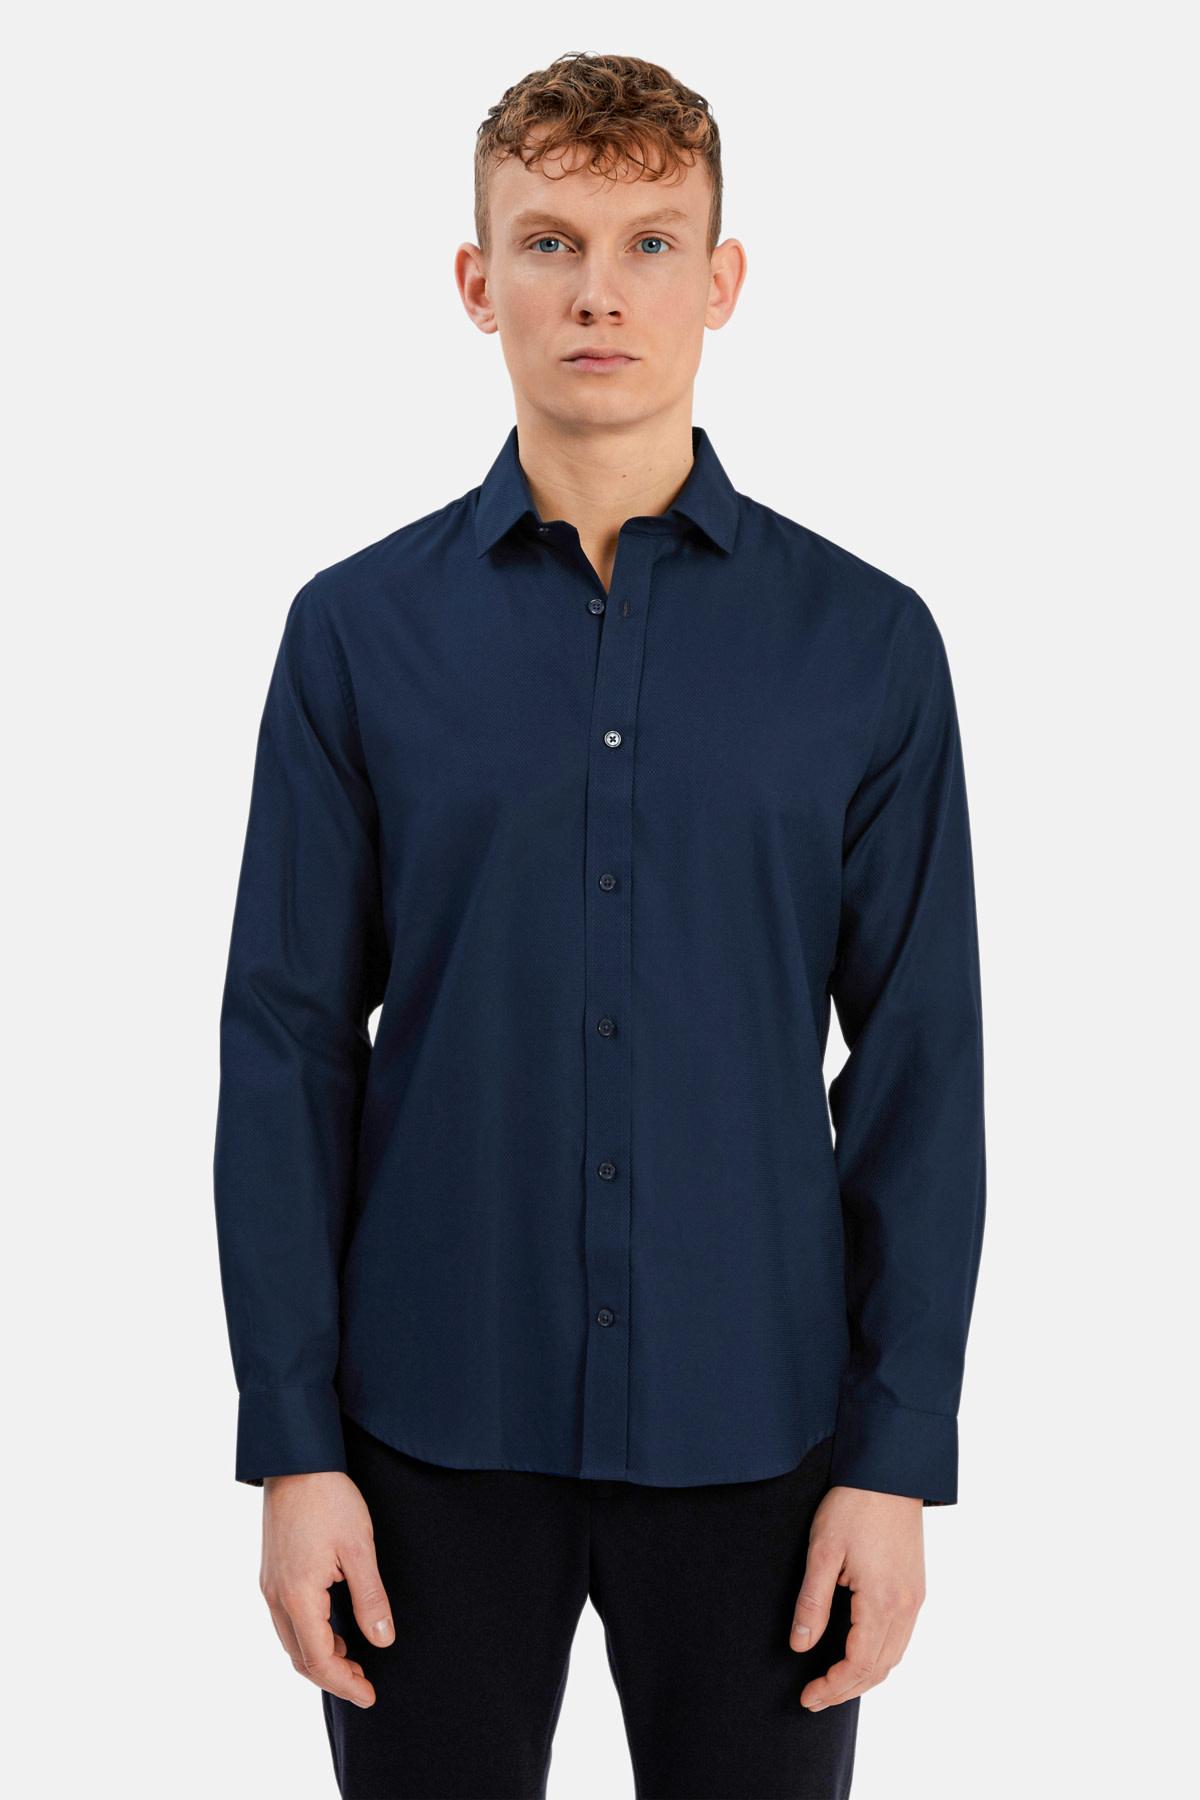 Mens Dress Shirt - Navy